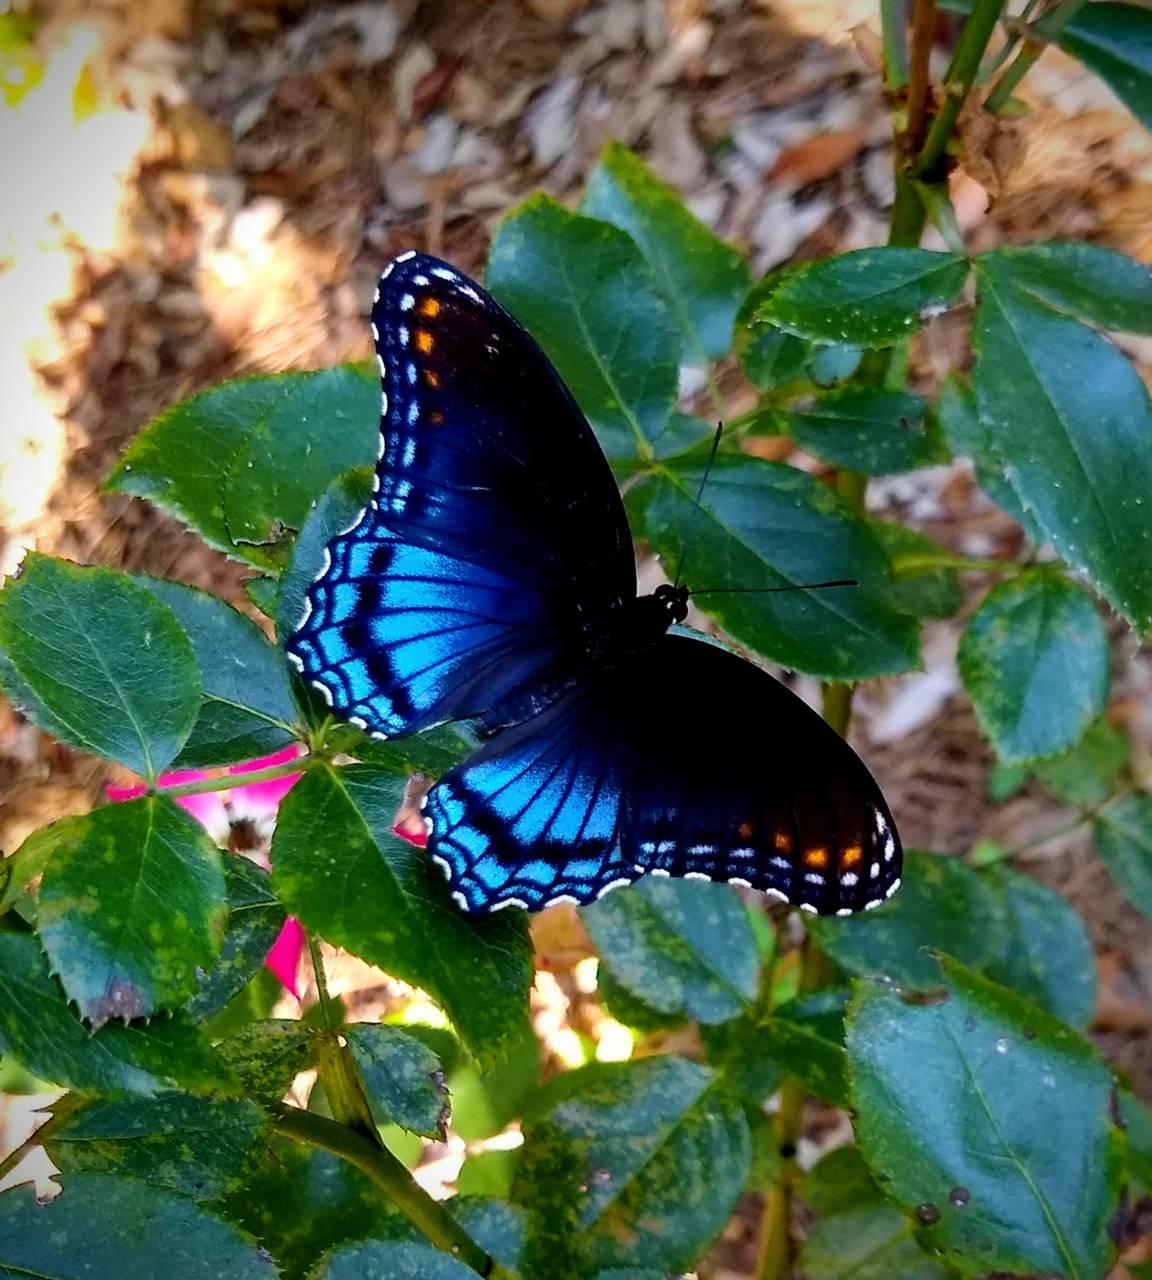 Blackblue butterfly